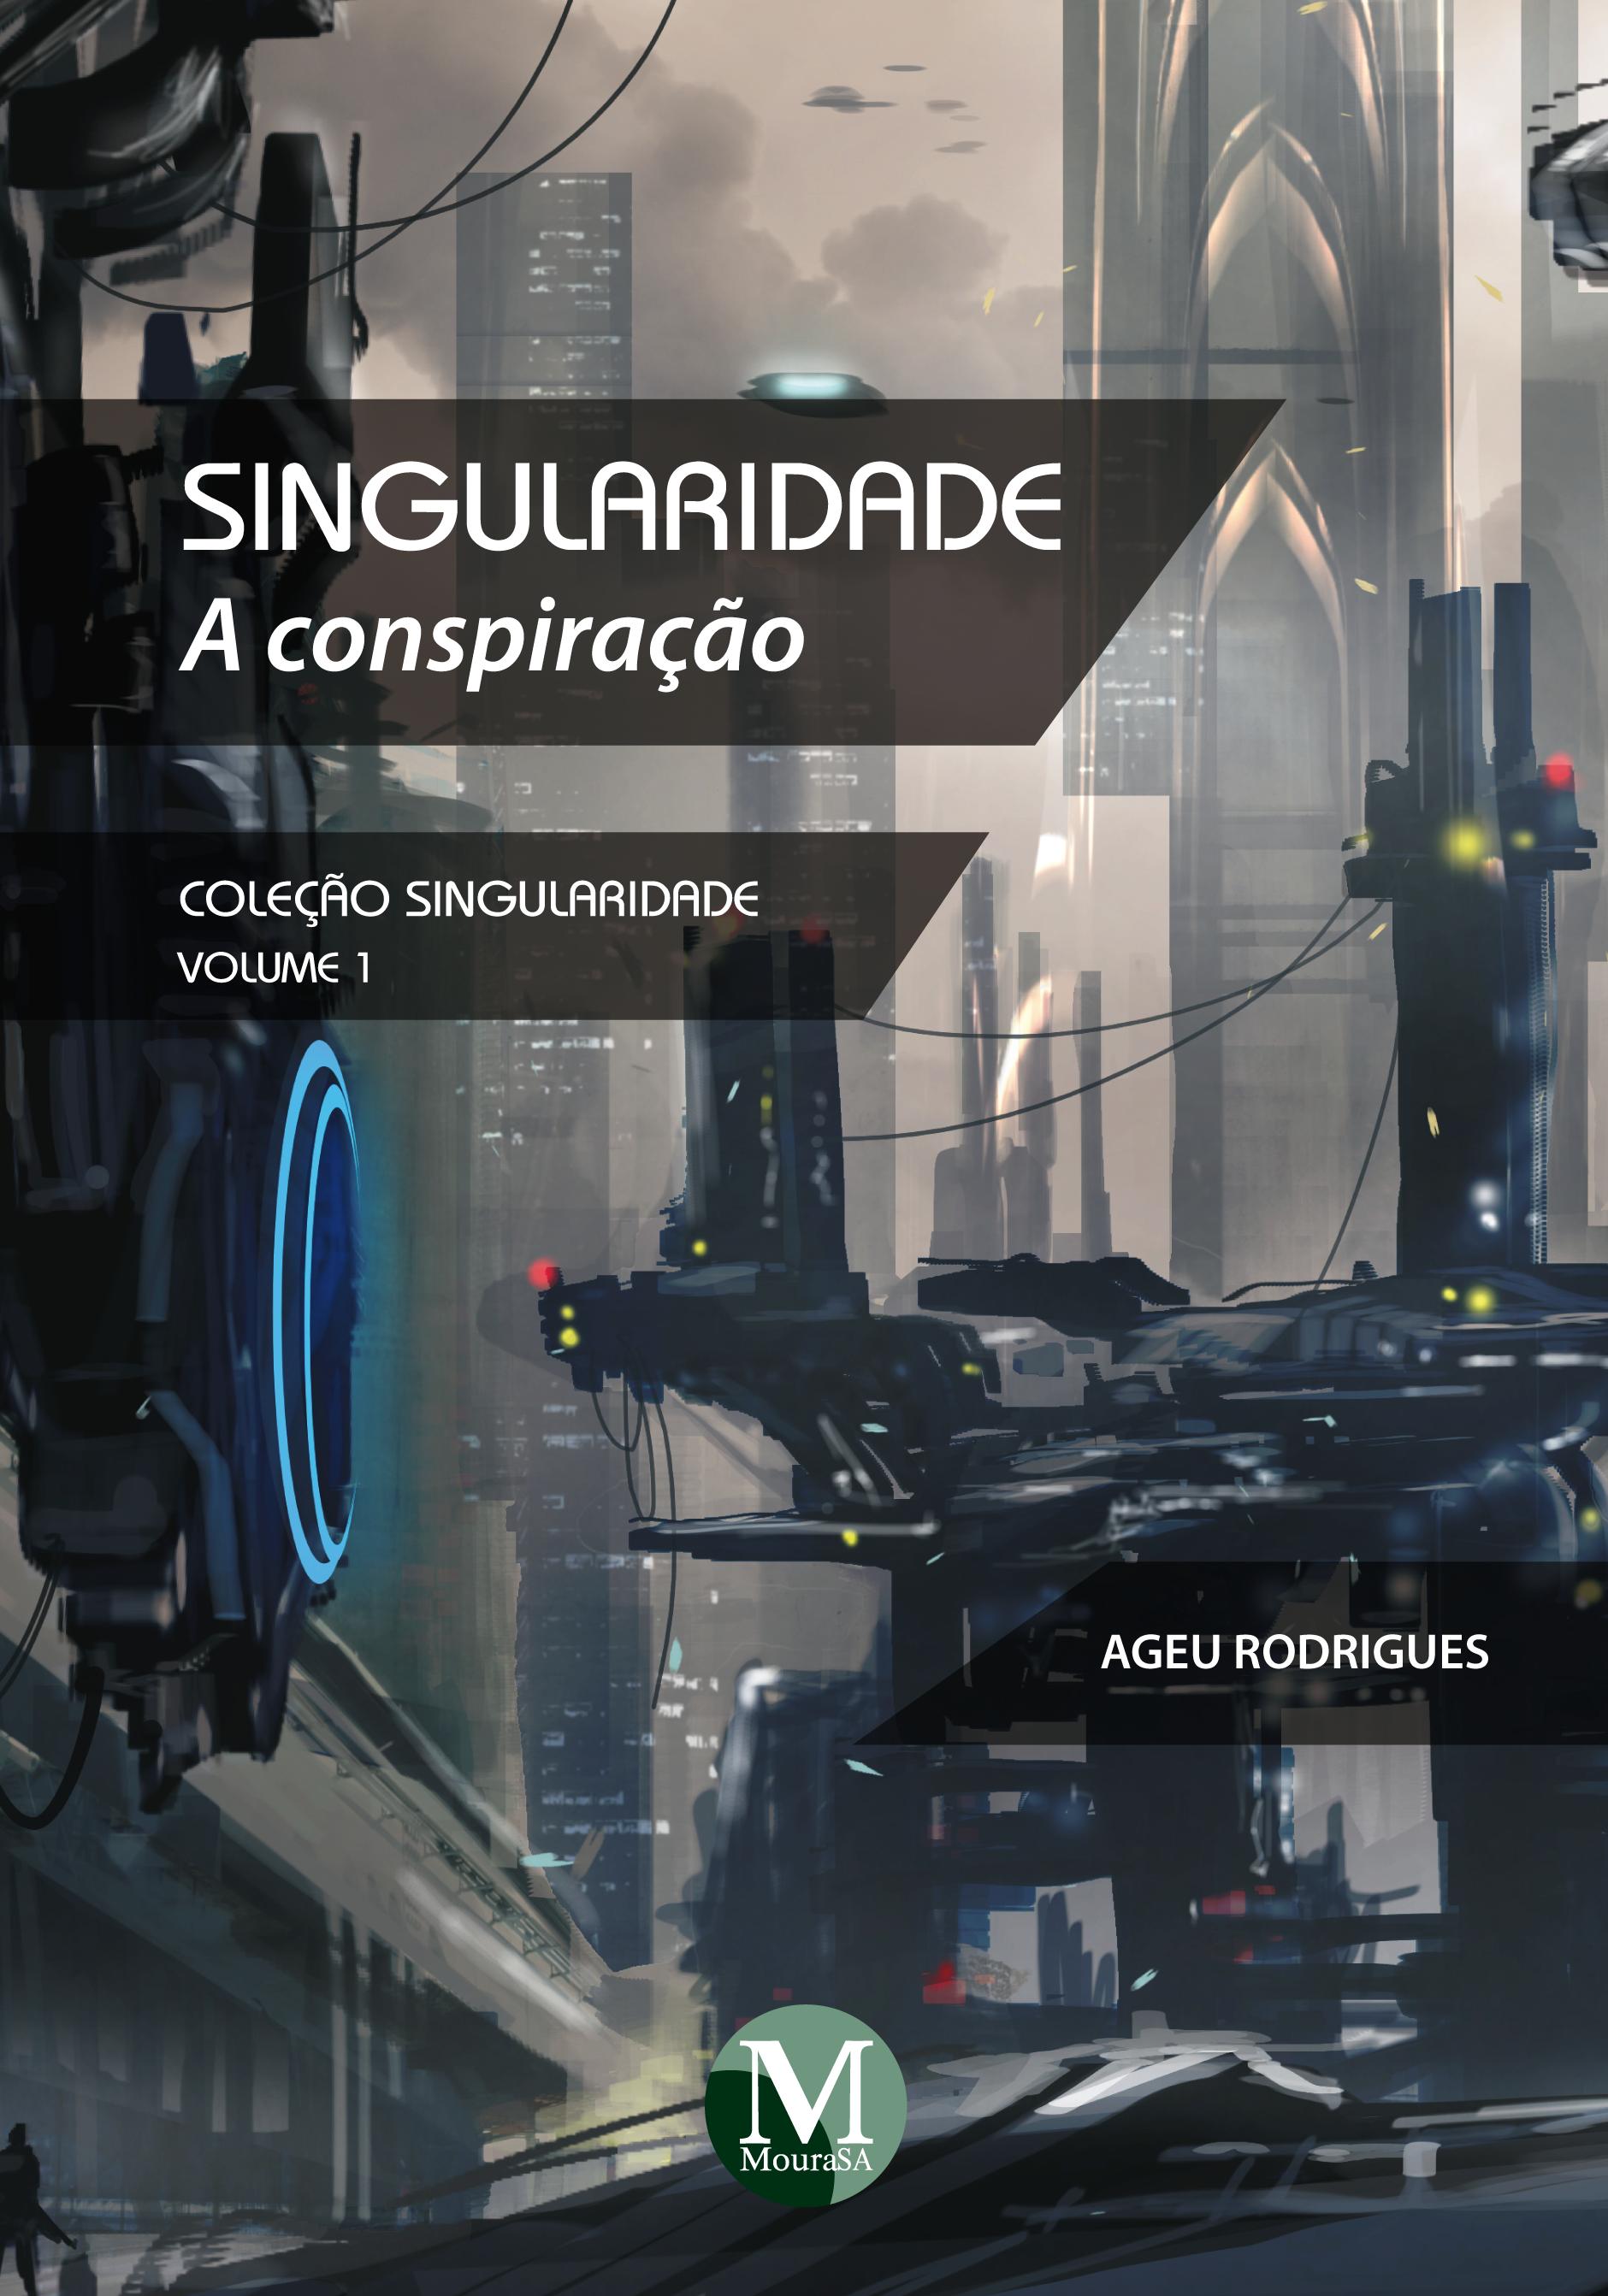 Capa do livro: SINGULARIDADE: a conspiração <br> Coleção Singularidade - Volume 1